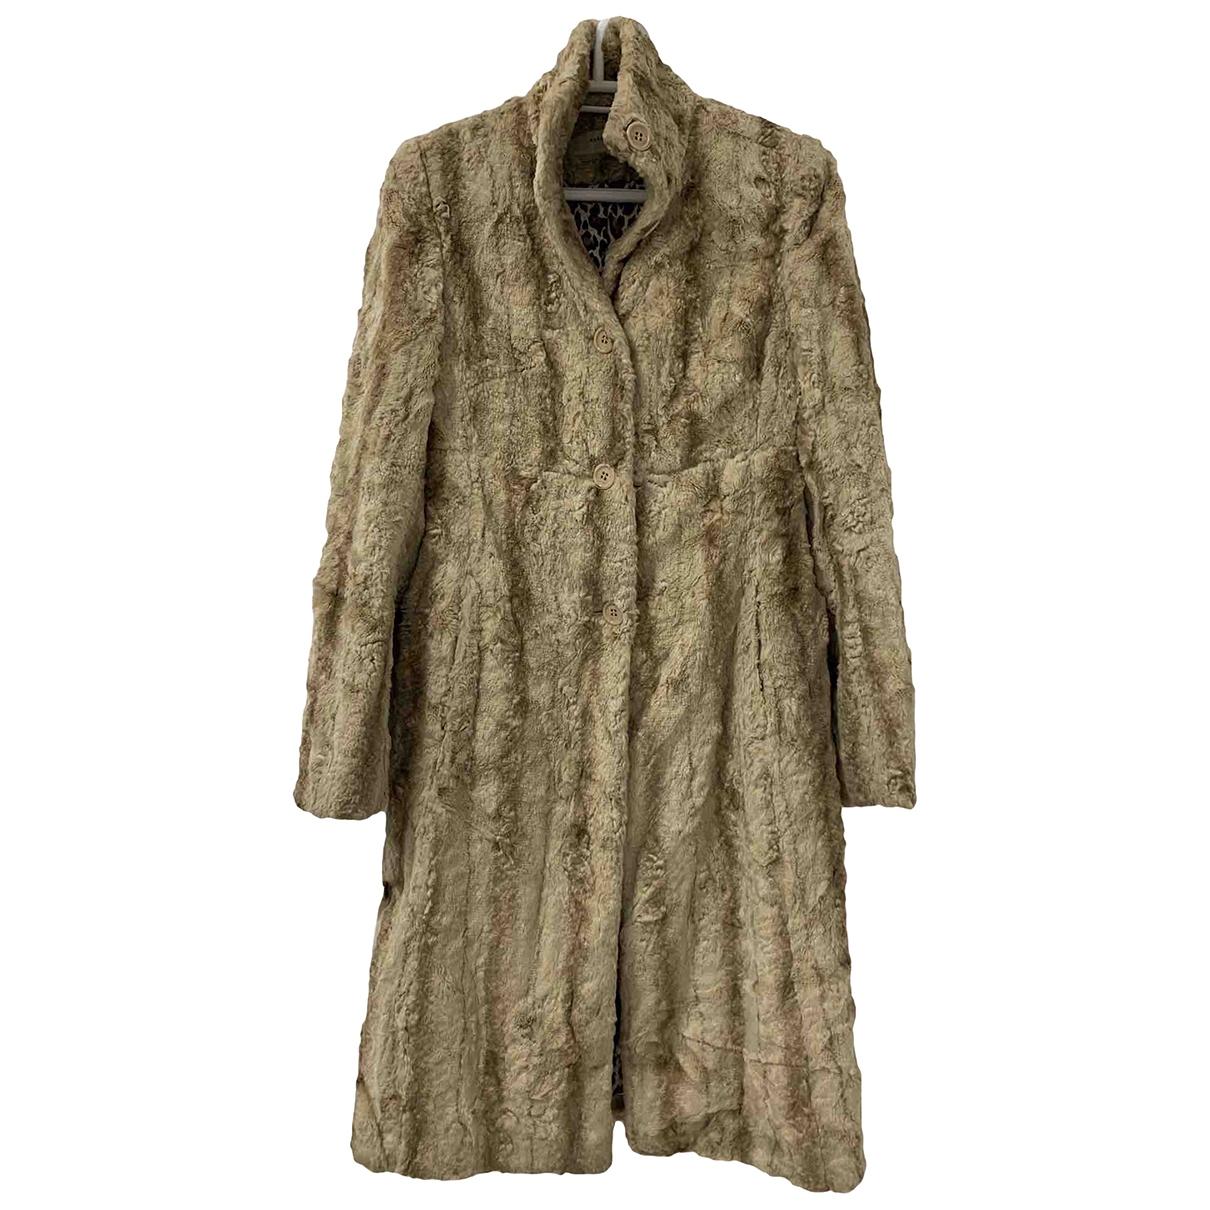 Karen Millen \N Beige coat for Women 36 FR